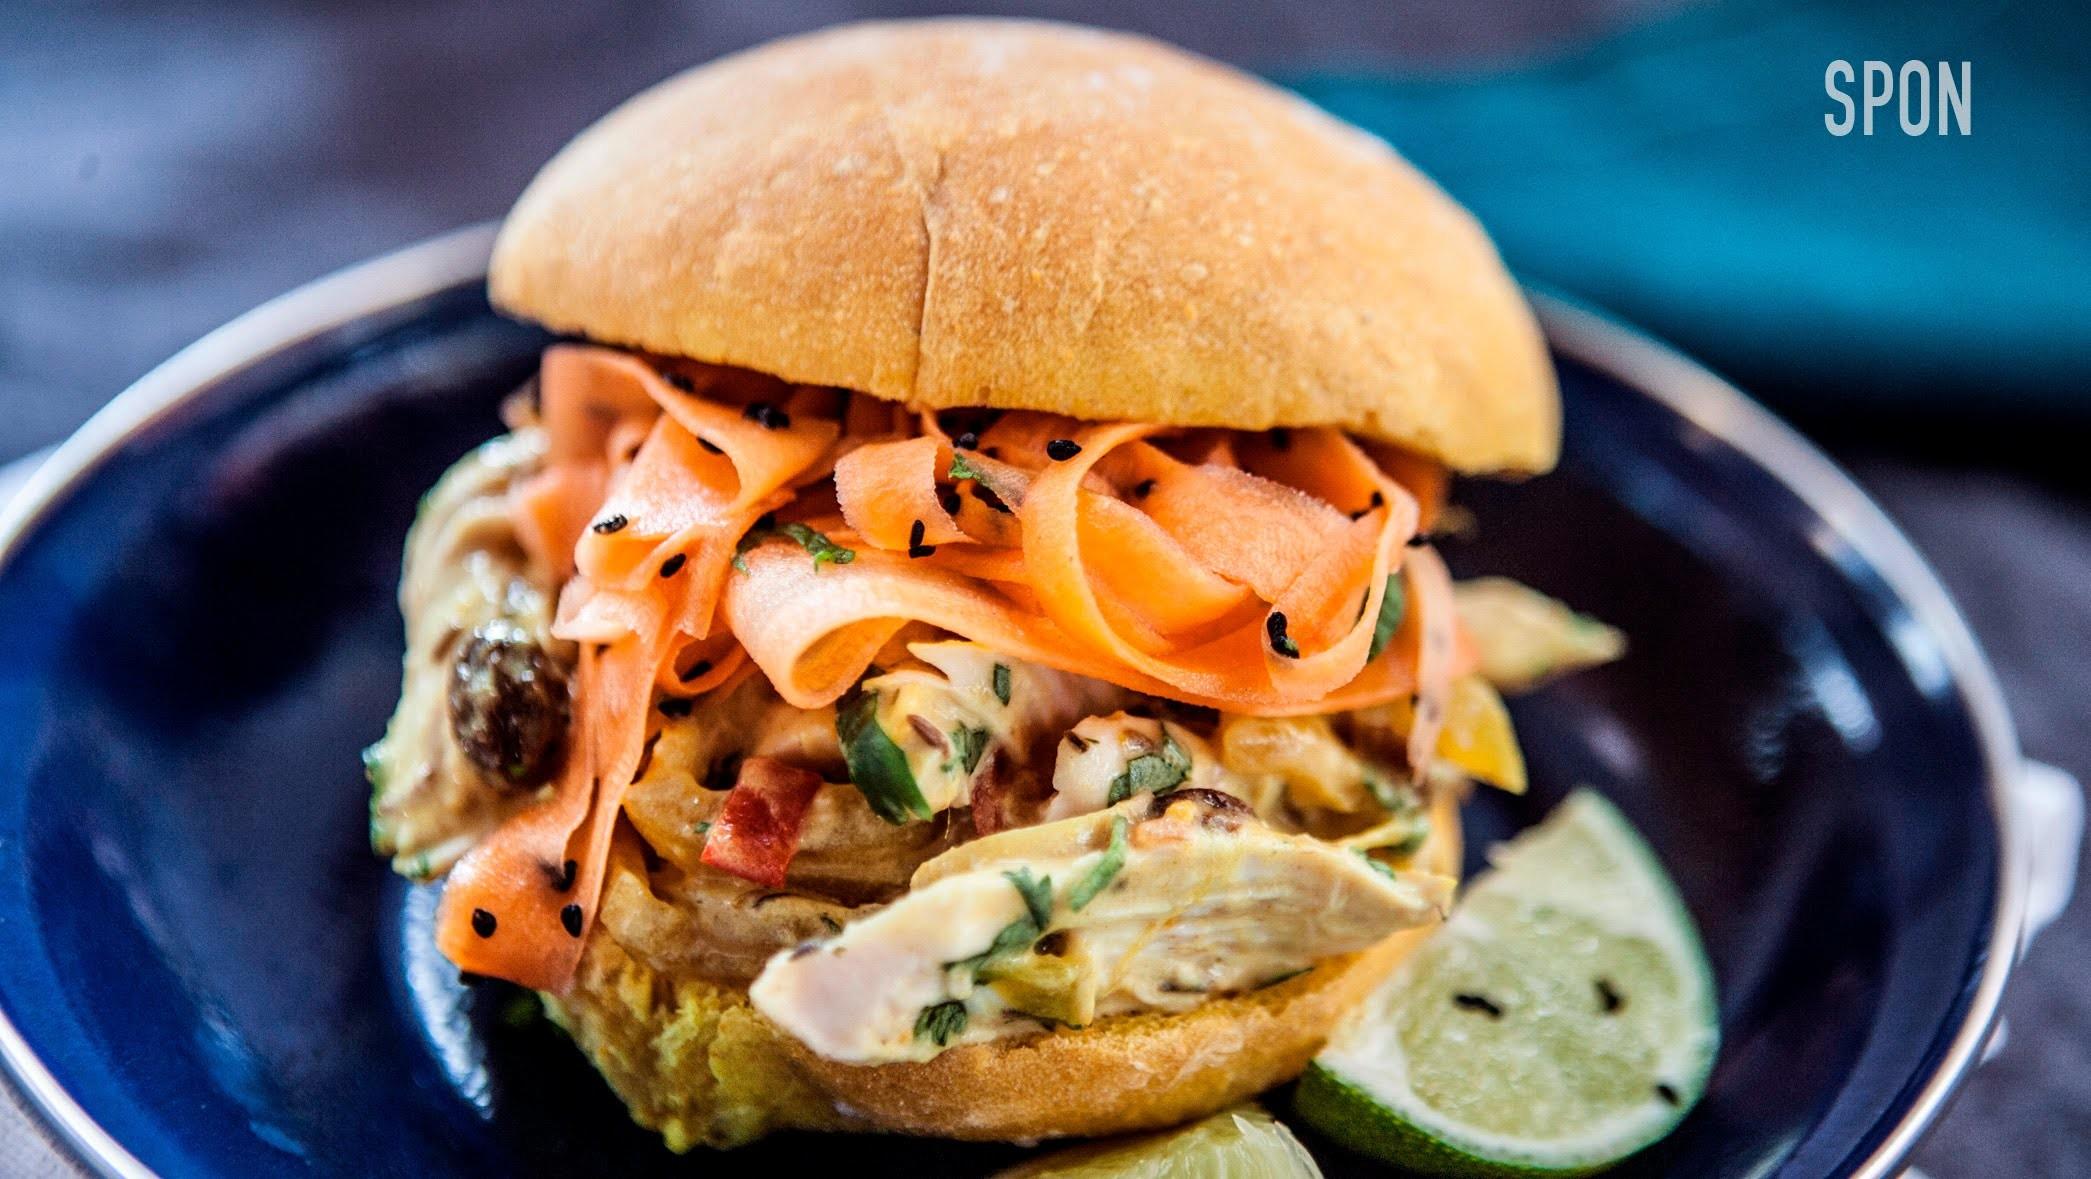 Pulled Chicken Sandwich Recipe | Rennie Mystery Box Challenge 1 #spon